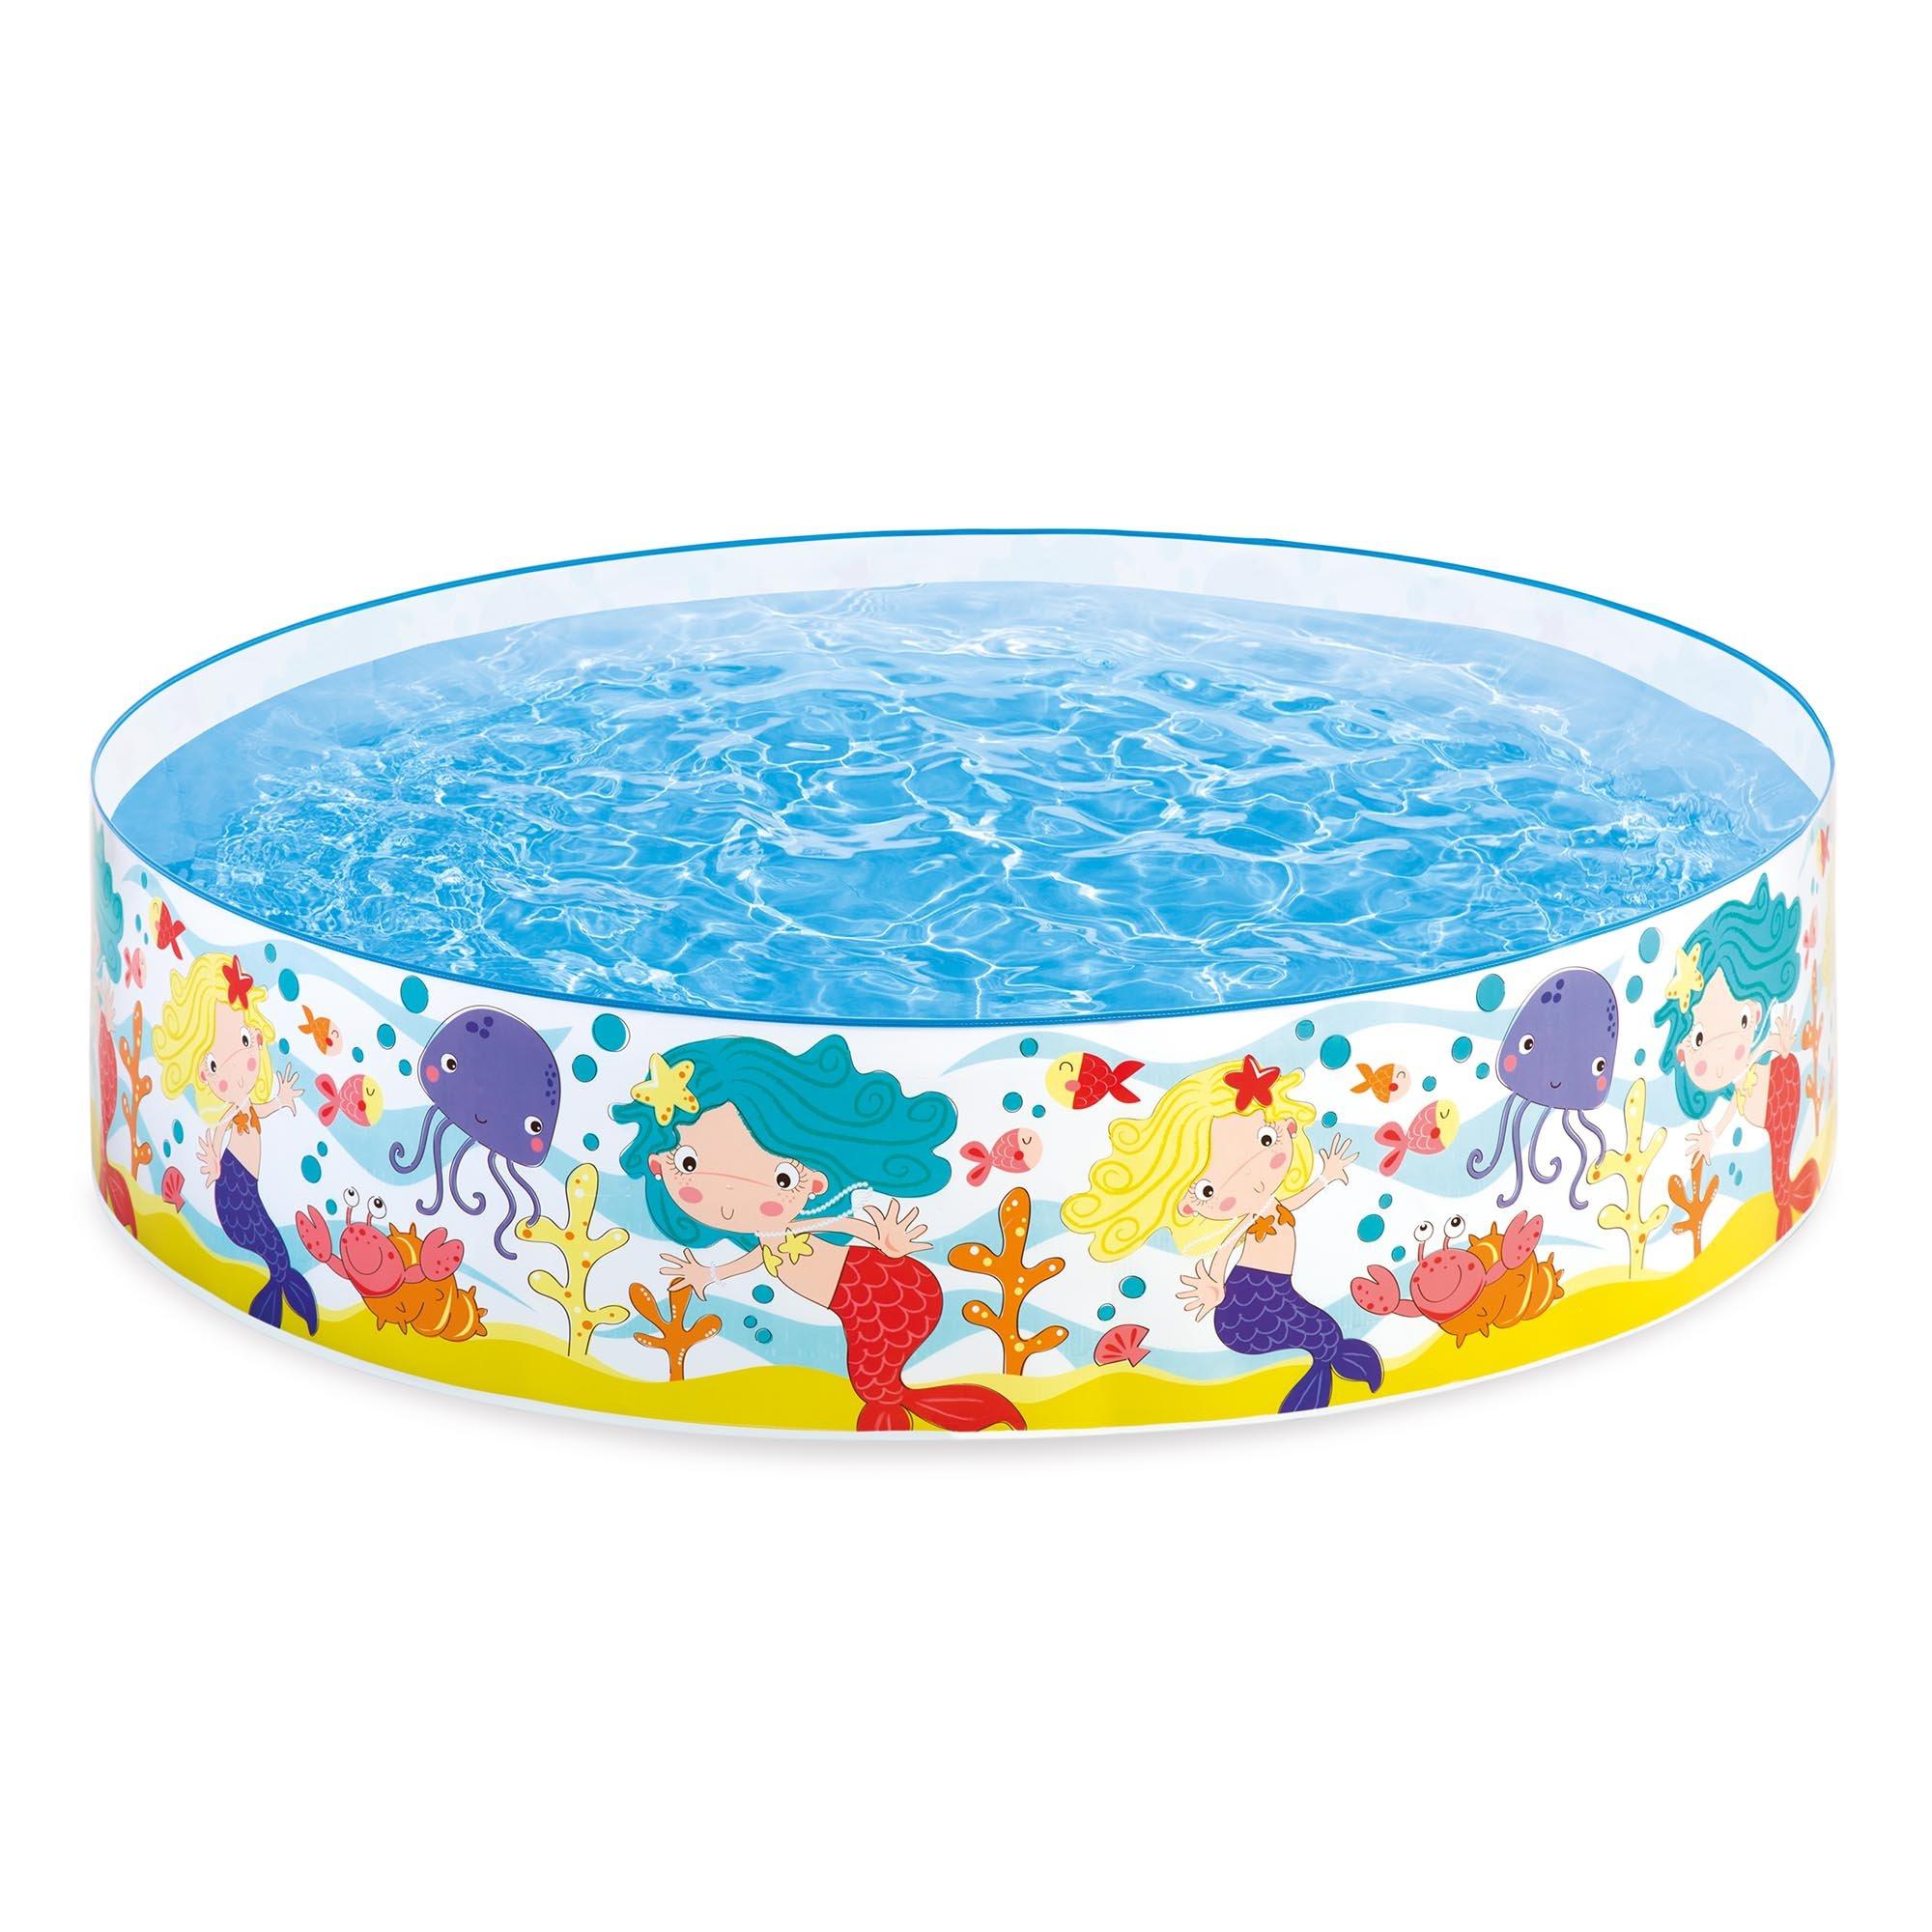 Intex Mermaids by The Sea Kids 6' x 15'' Instant Kiddie SnapSet Swimming Pool